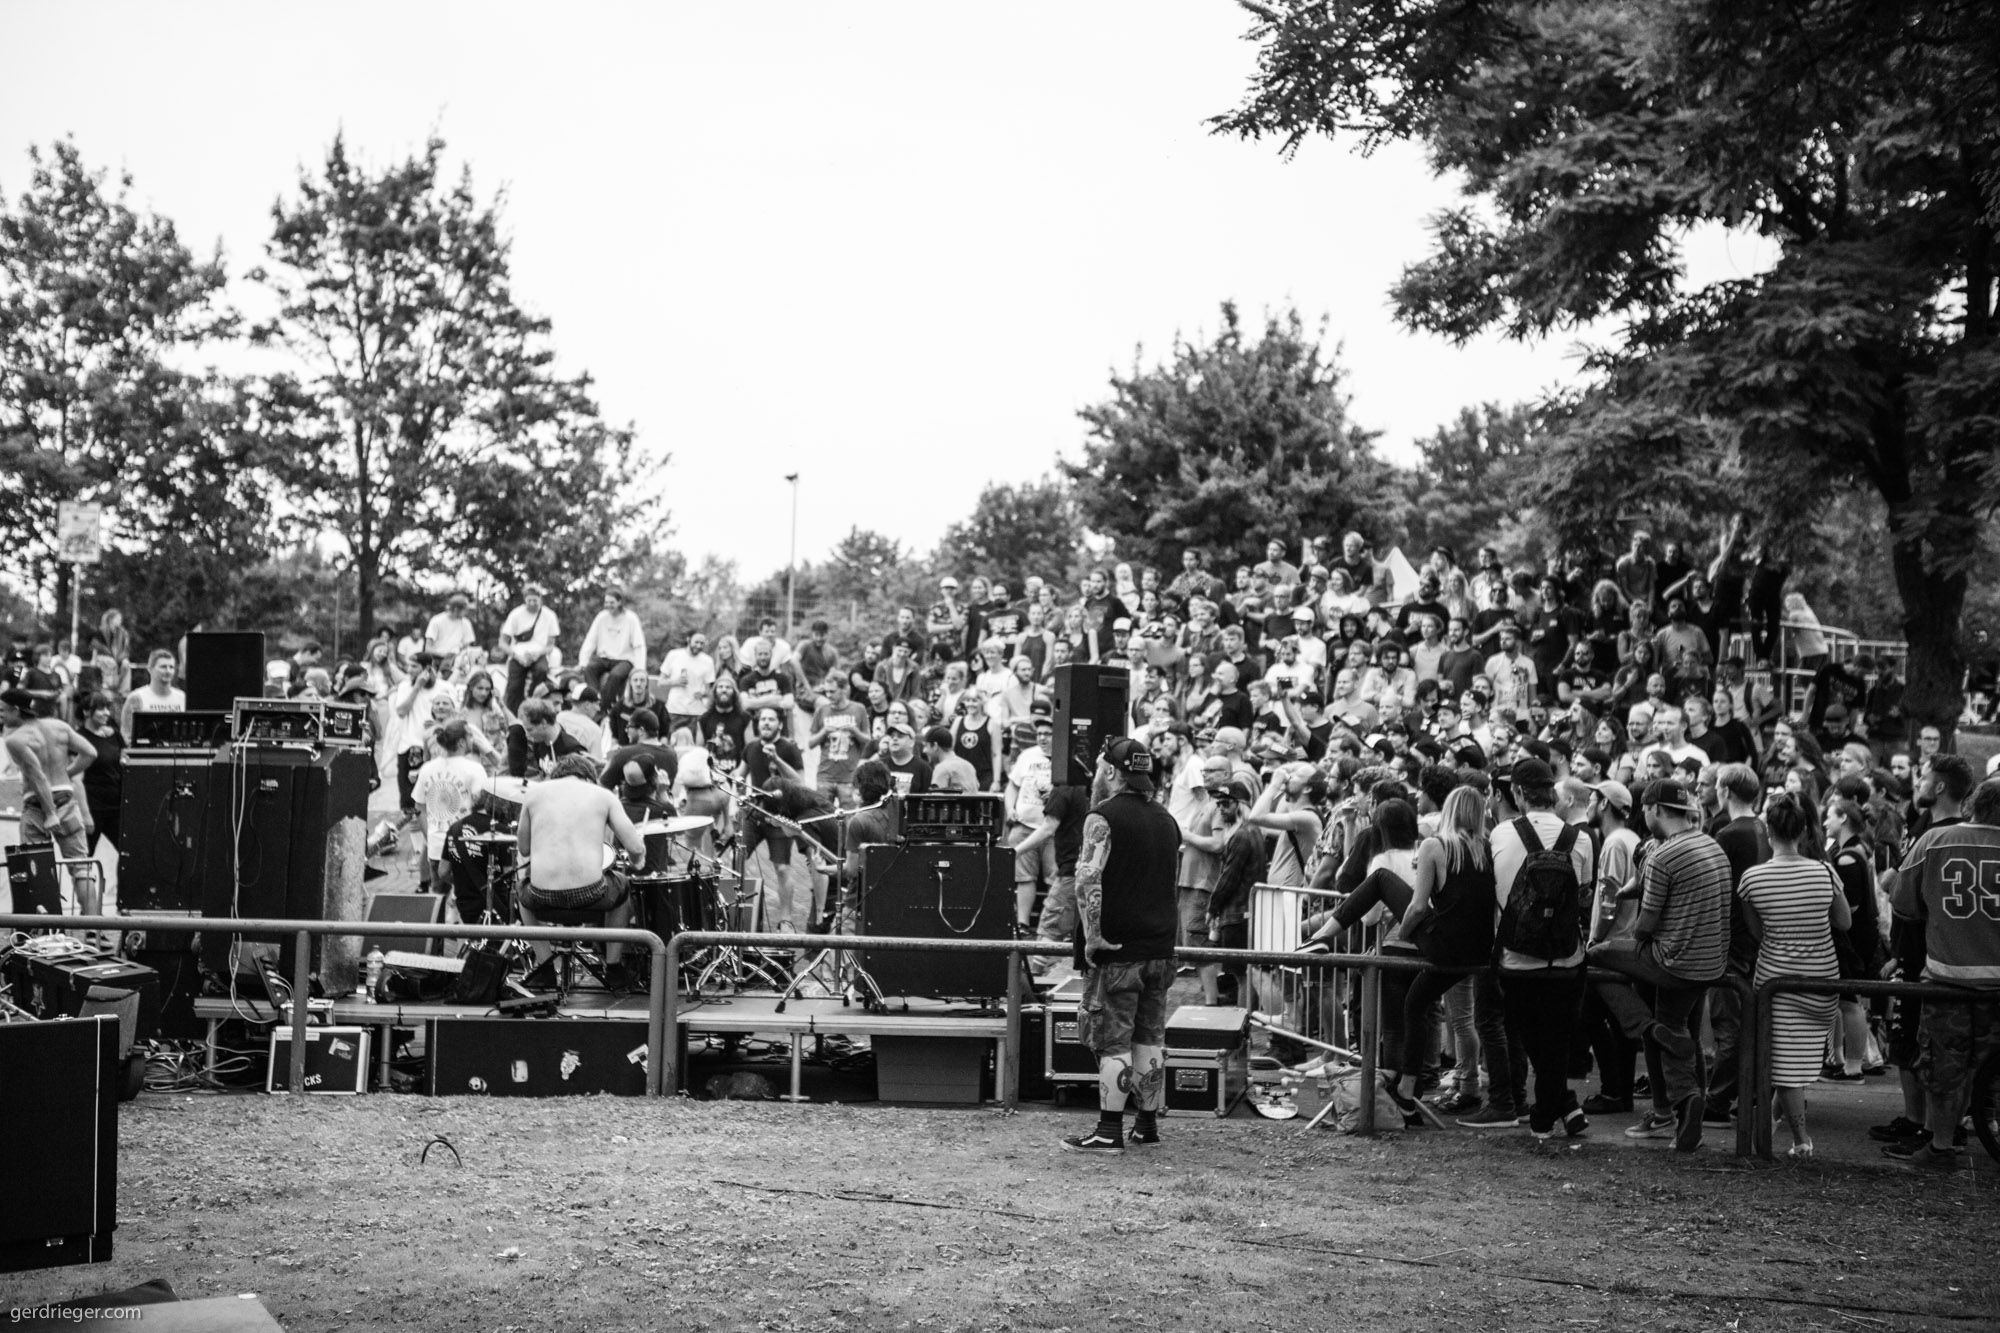 2017-07-08_Bergfest-Bailgun-4176